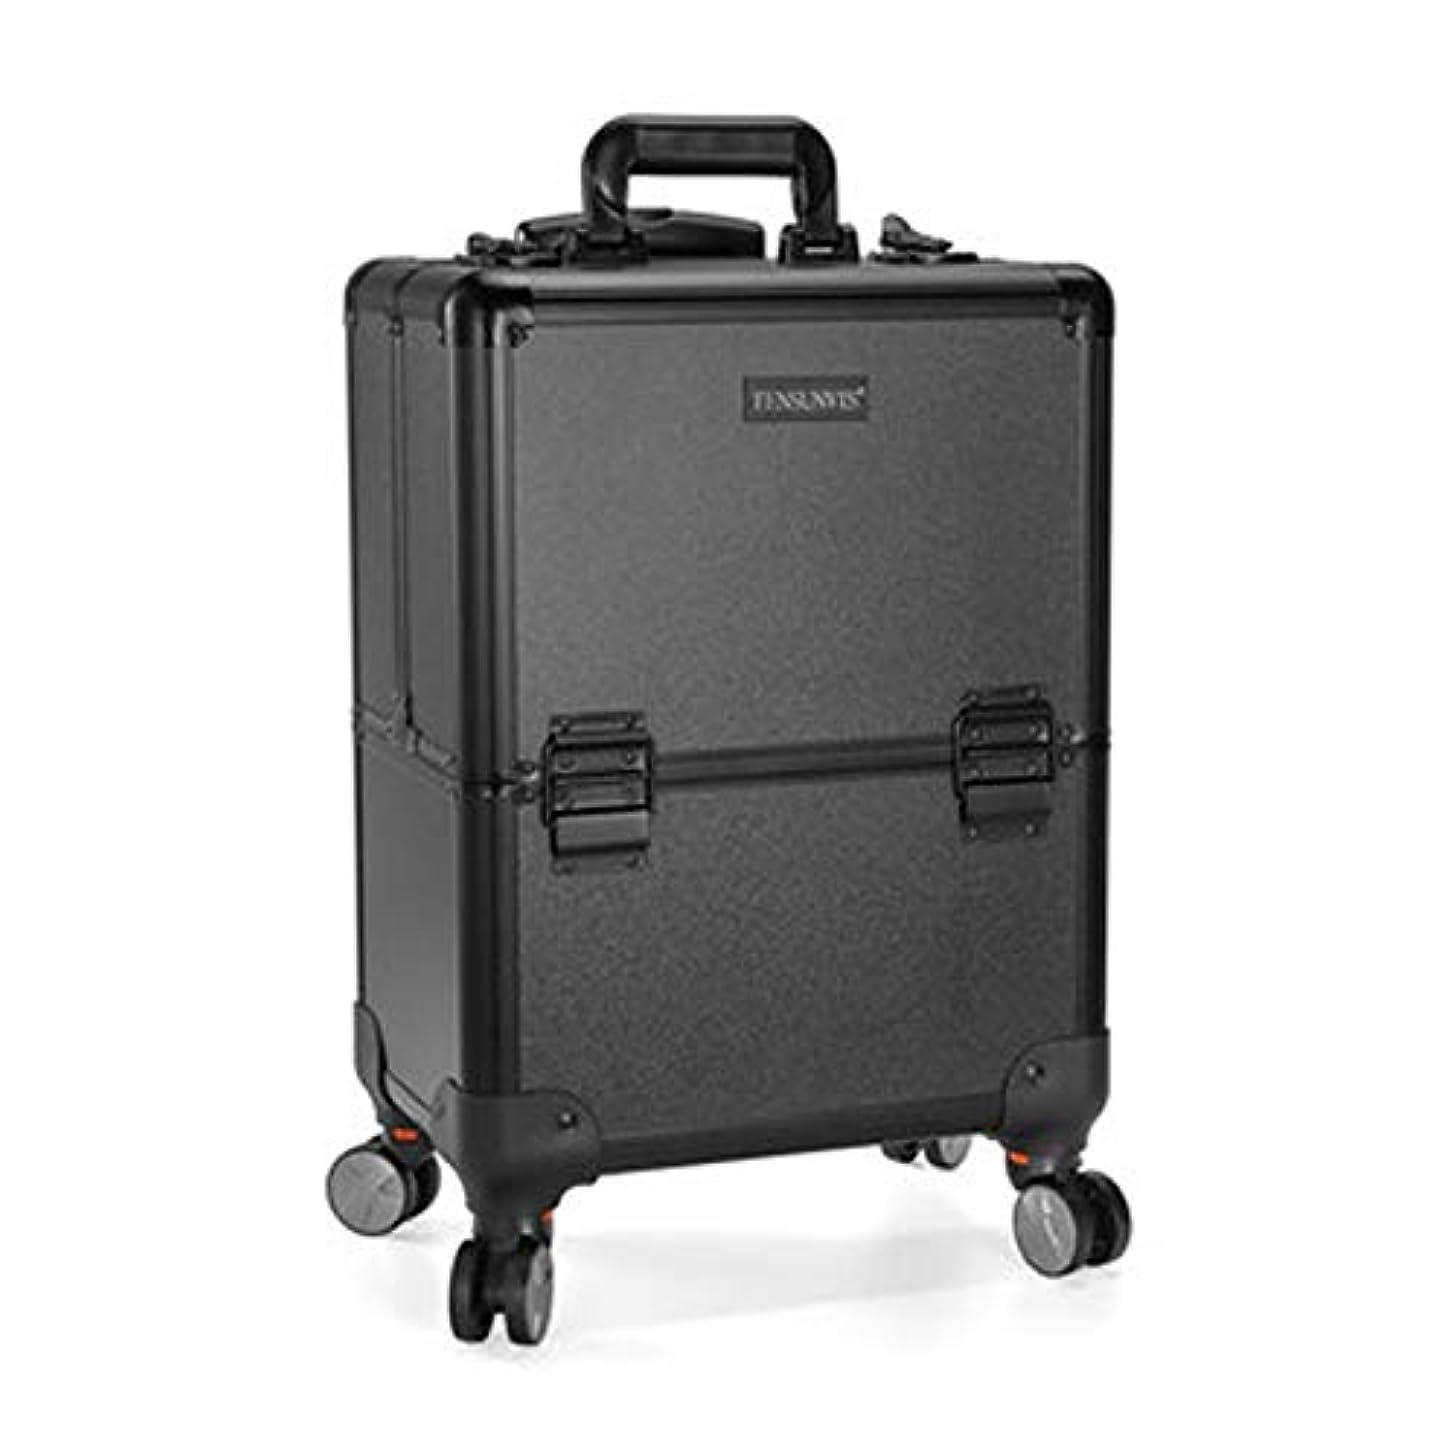 ビザダイヤモンド偏心プロ専用 美容師 クローゼット スーツケース メイクボックス キャリーバッグ ヘアメイク プロ 大容量 軽量 高品質 多機能 I-TT-317T-B